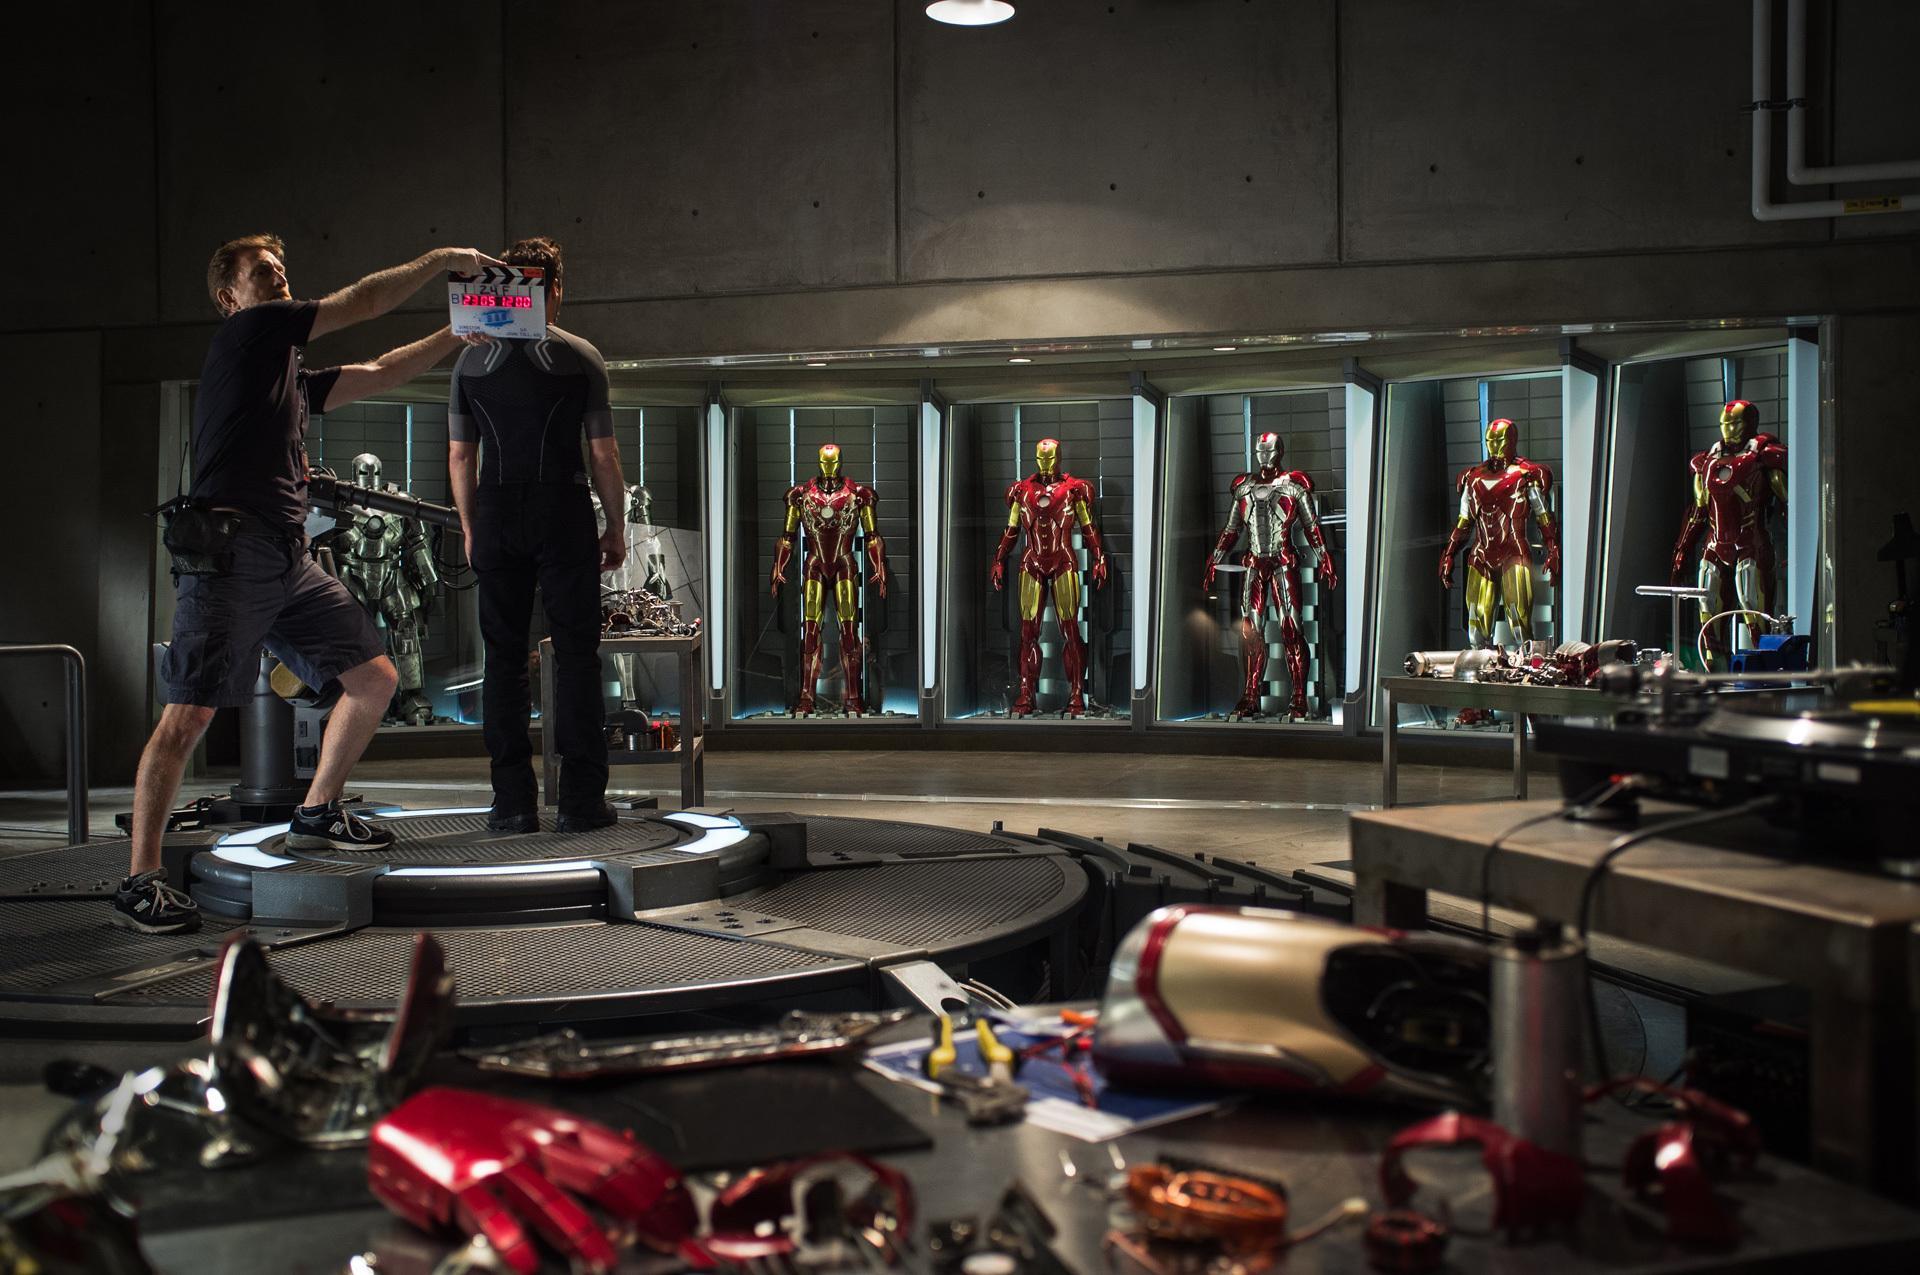 《钢铁侠3》(Iron Man 3)正式开拍 首张官方工作照曝光